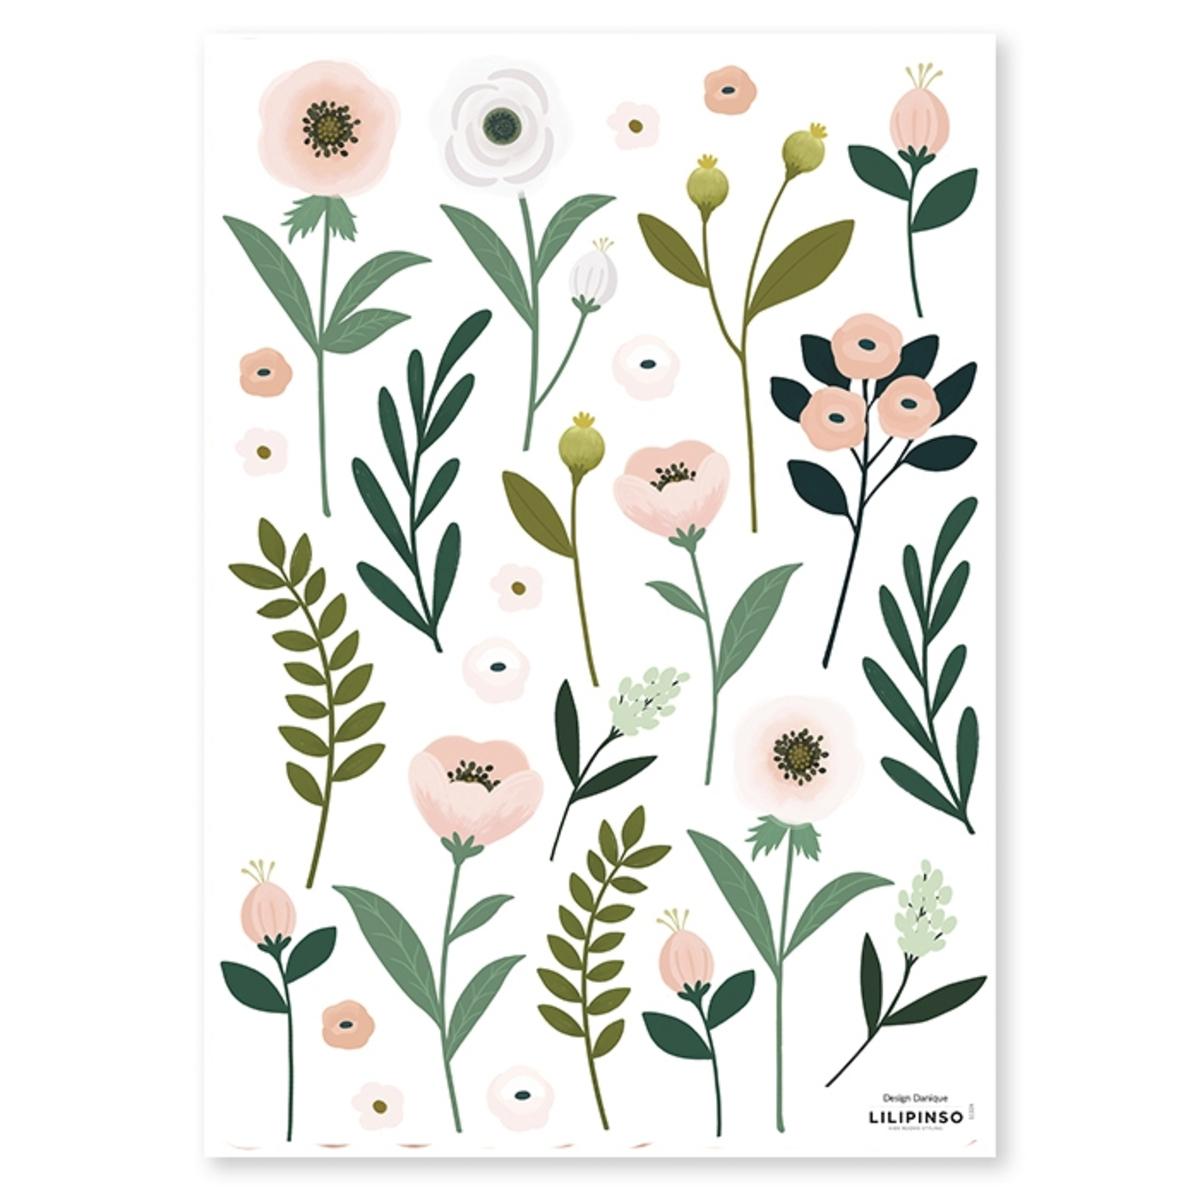 Sticker Planche de Stickers - Fleurs et Feuillages Planche de Stickers - Fleurs et Feuillages